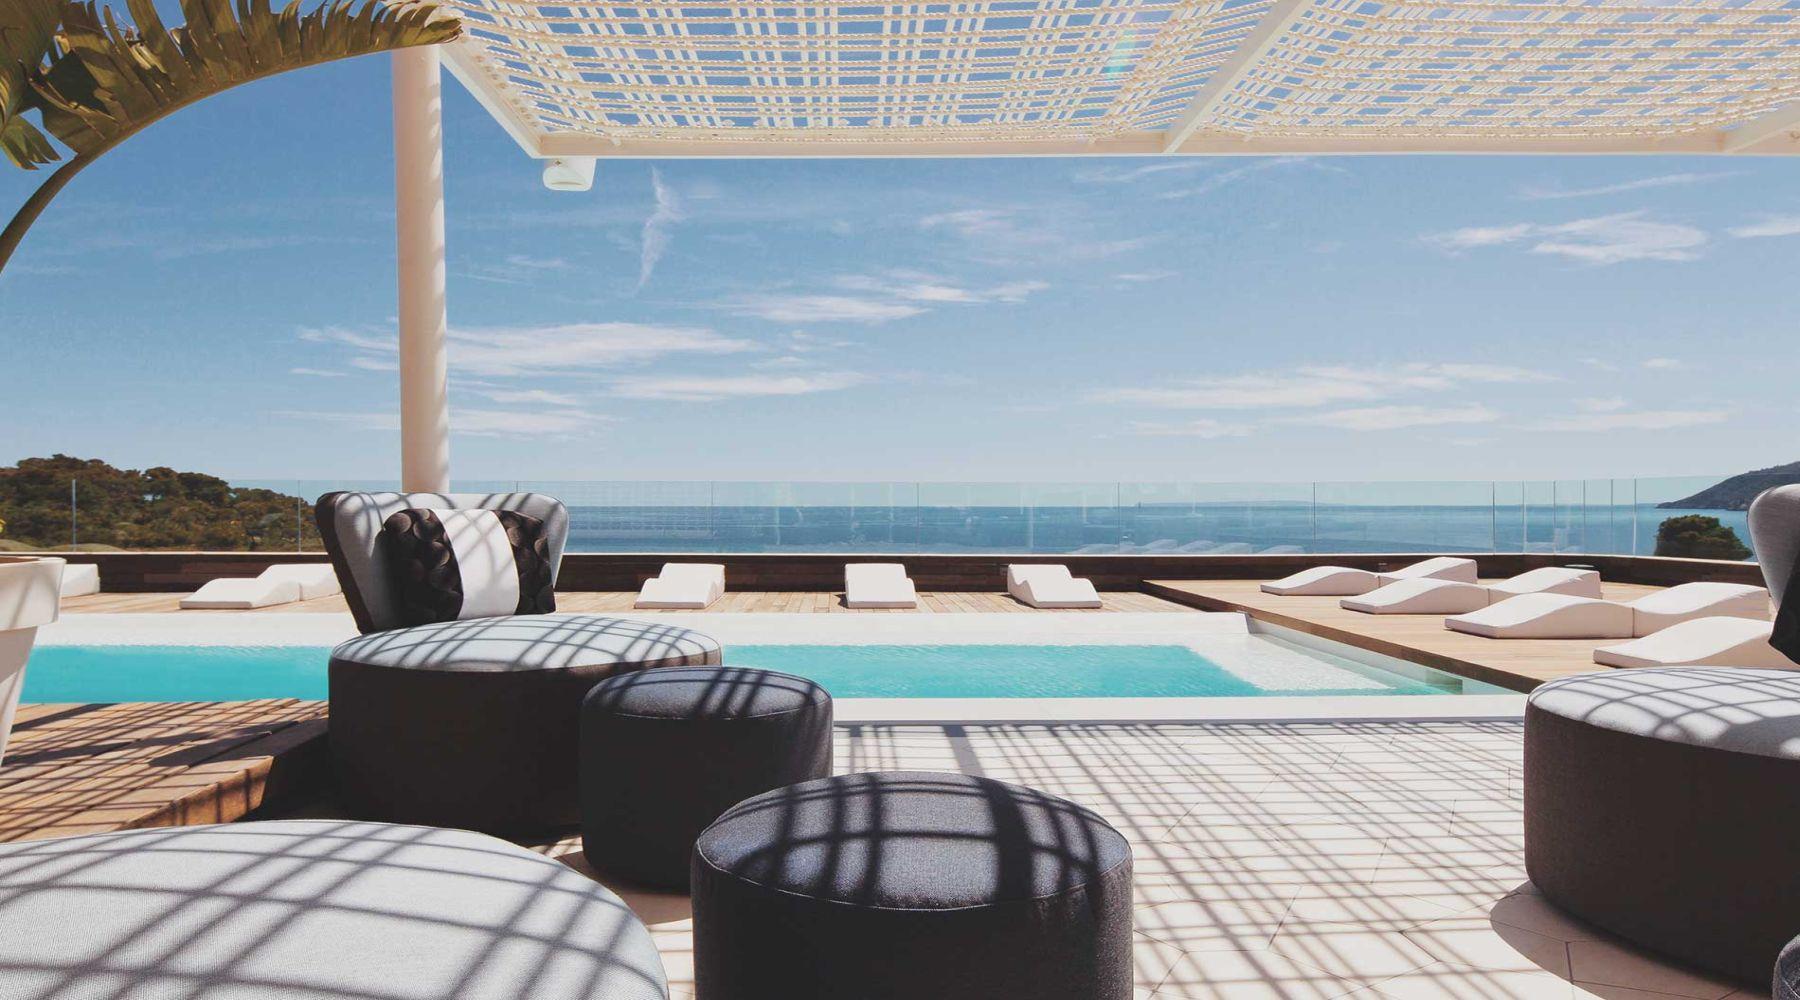 Aguas de Ibiza Lifestyle and Spa, Ibiza